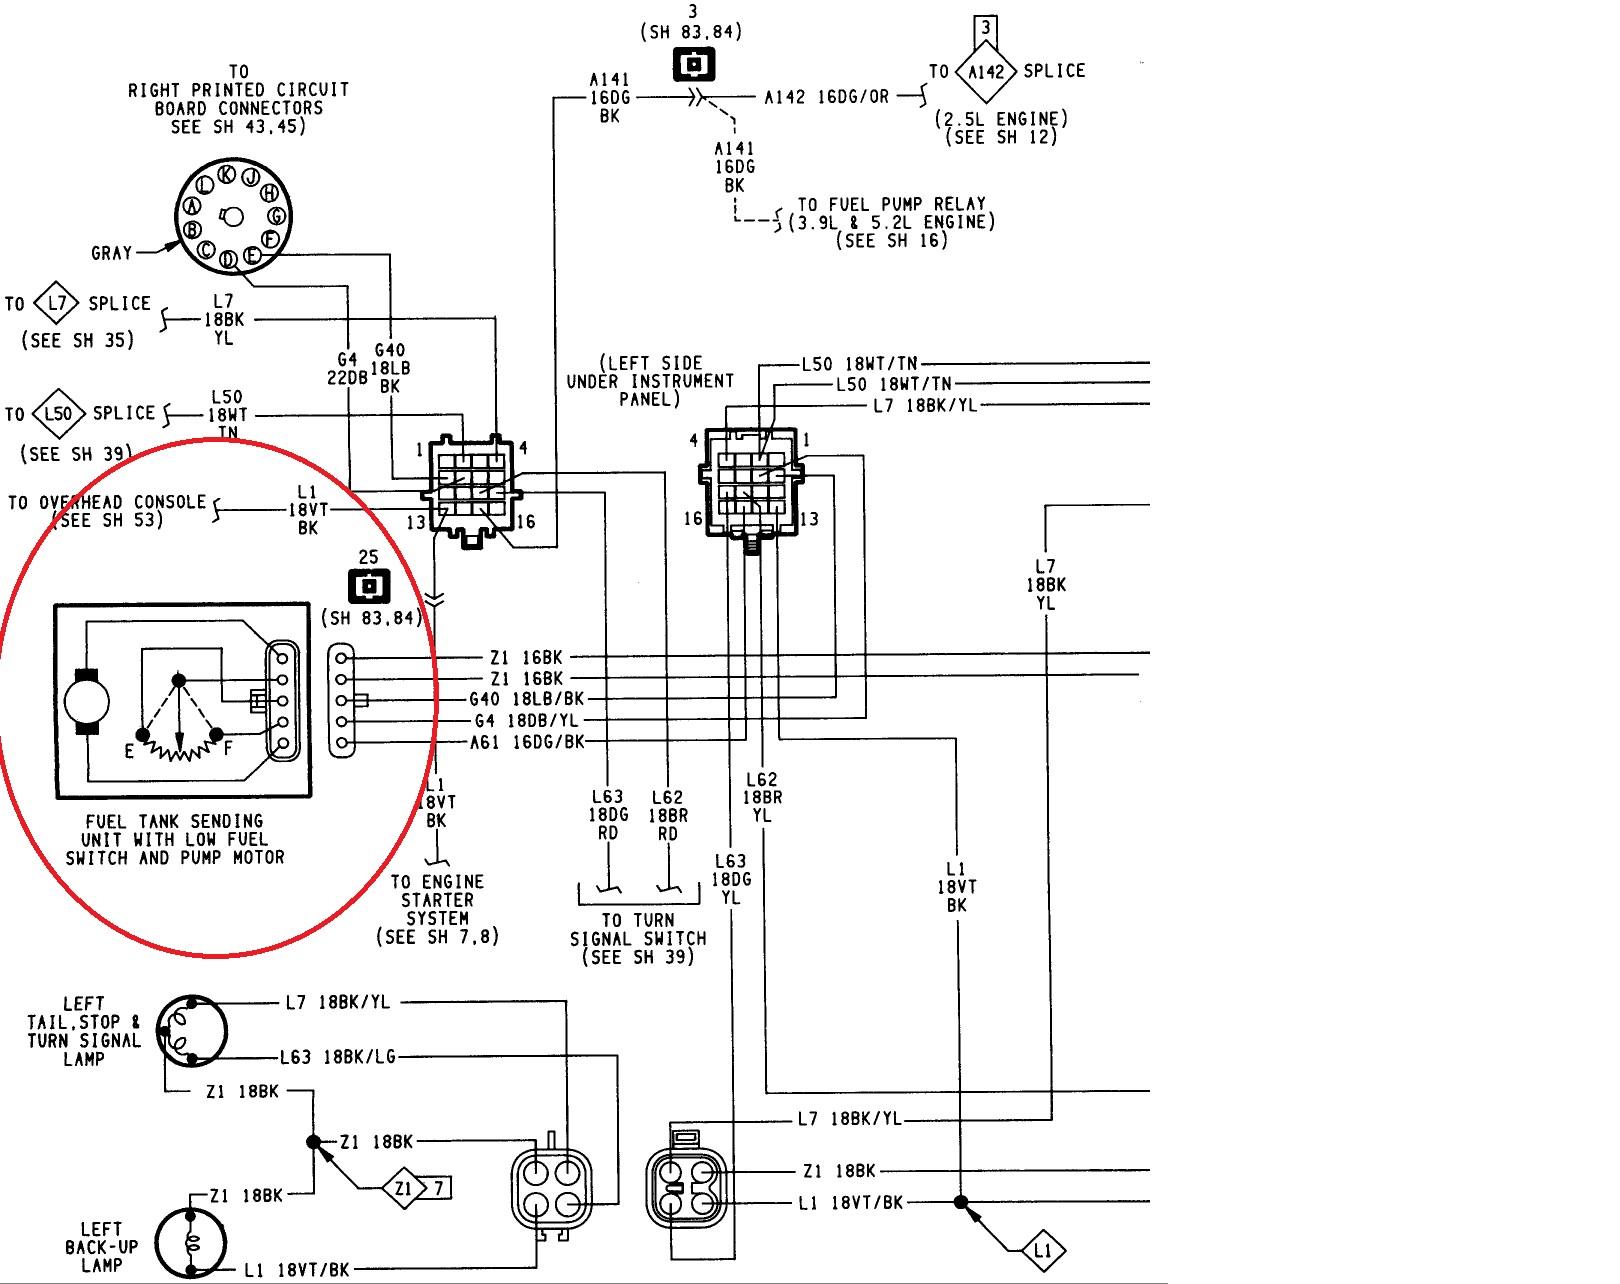 Vdo Gauges Wiring Diagrams Fuel Gauge Wiring Diagram Hbphelp Of Vdo Gauges Wiring Diagrams